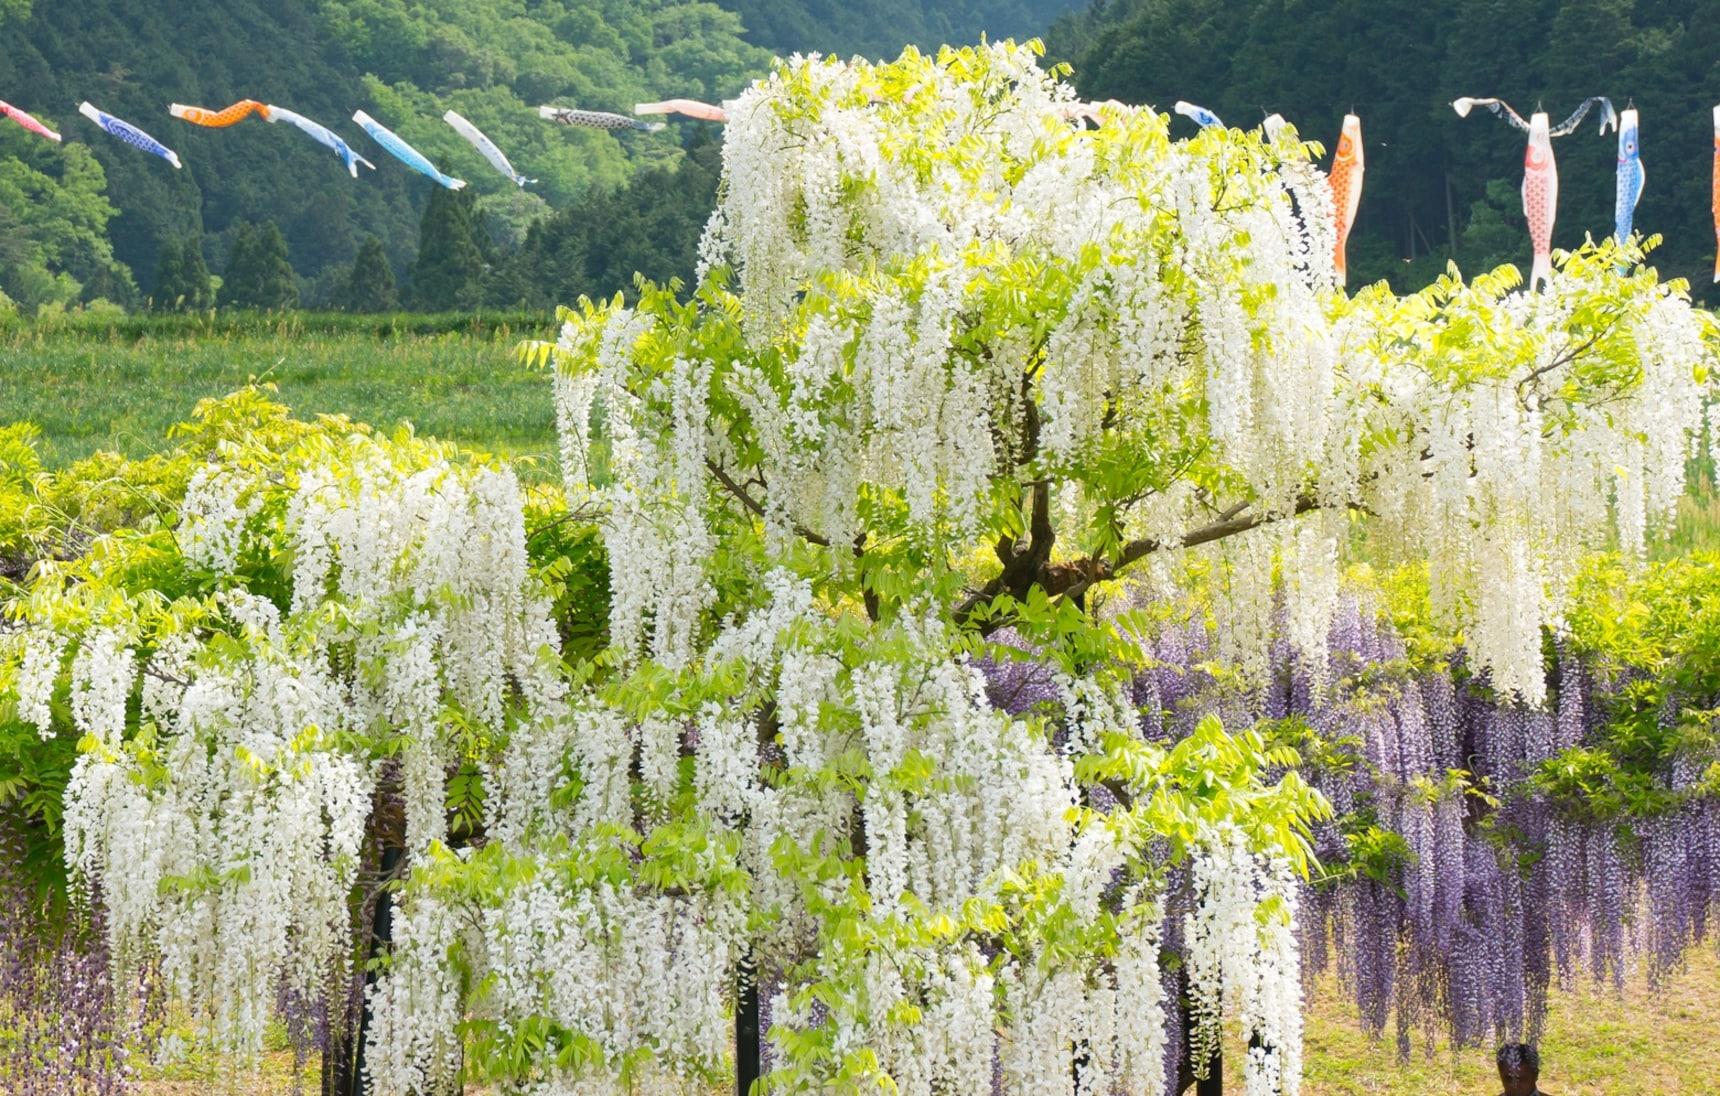 ดอกไม้ญี่ปุ่นน่าชมนอกเหนือจากซากุระ 5 ชนิด